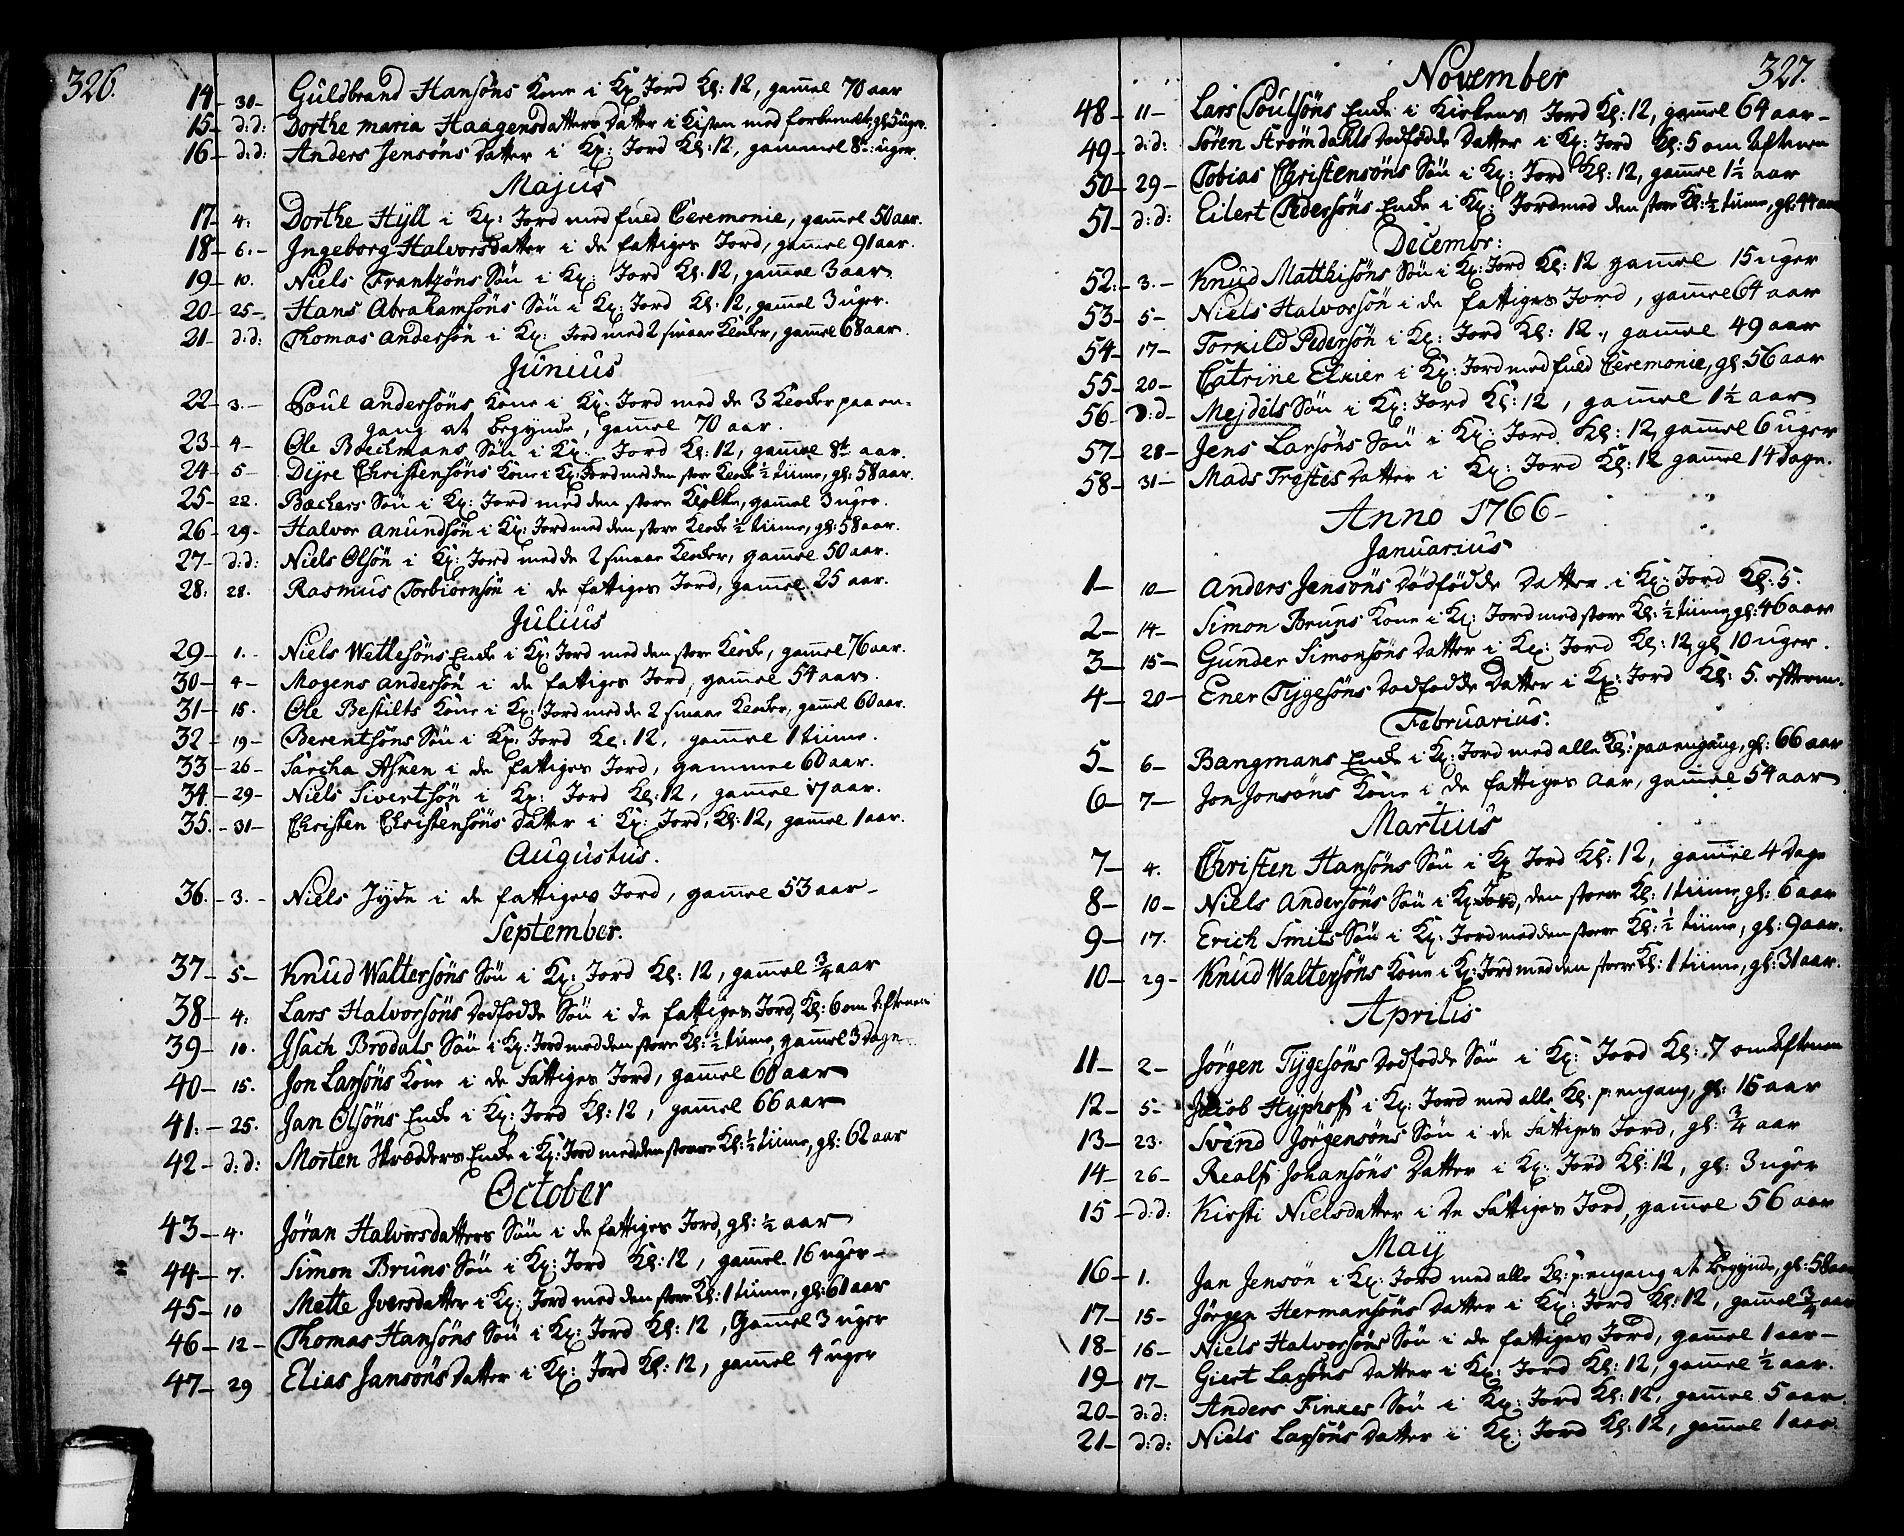 SAKO, Skien kirkebøker, F/Fa/L0003: Ministerialbok nr. 3, 1755-1791, s. 326-327